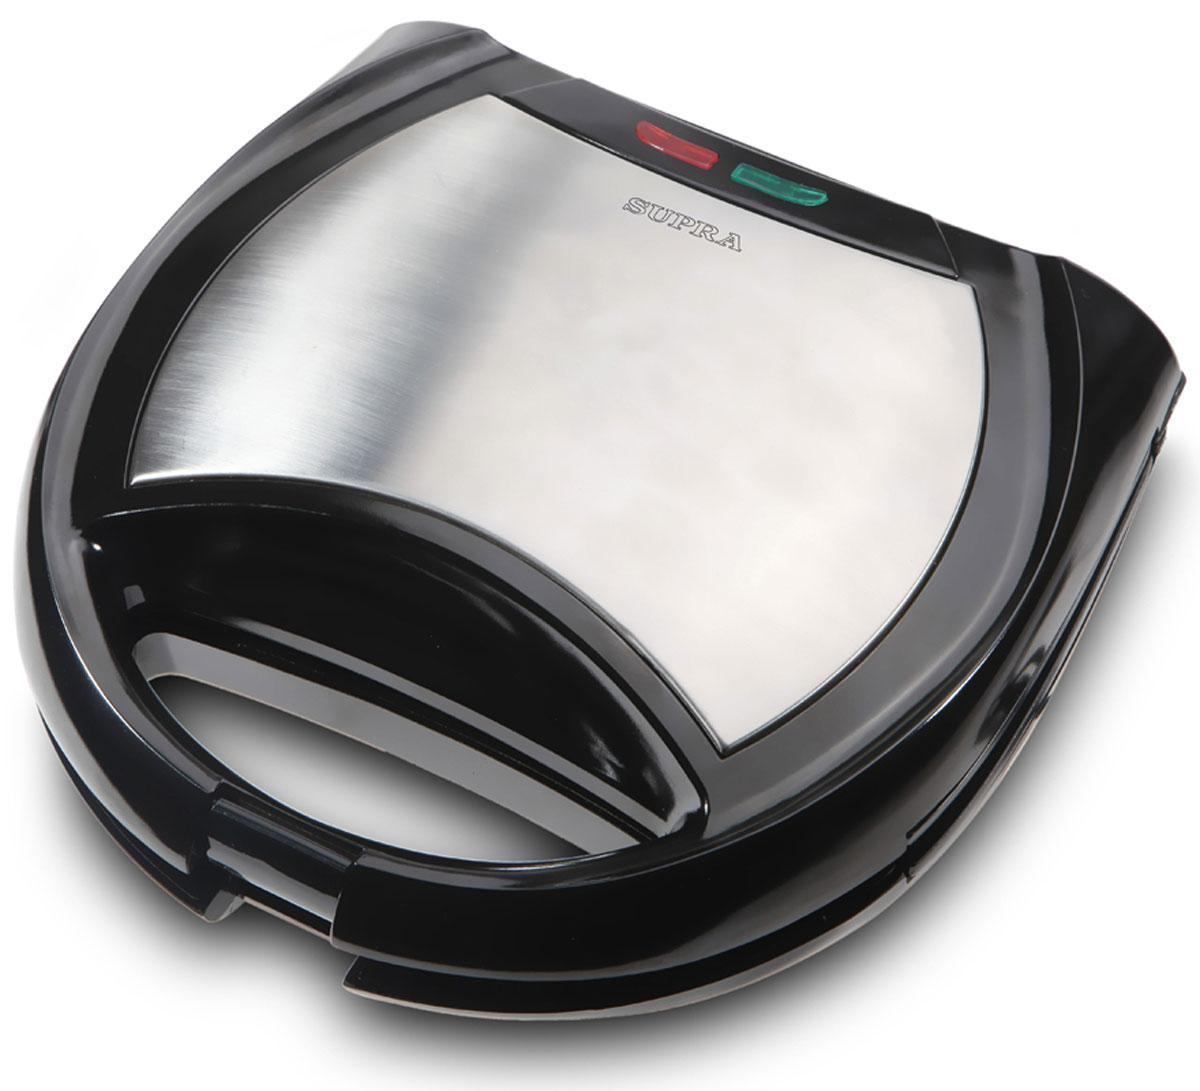 supra сендвичница tts 300 черный 750вт Supra WIS-444 вафельница